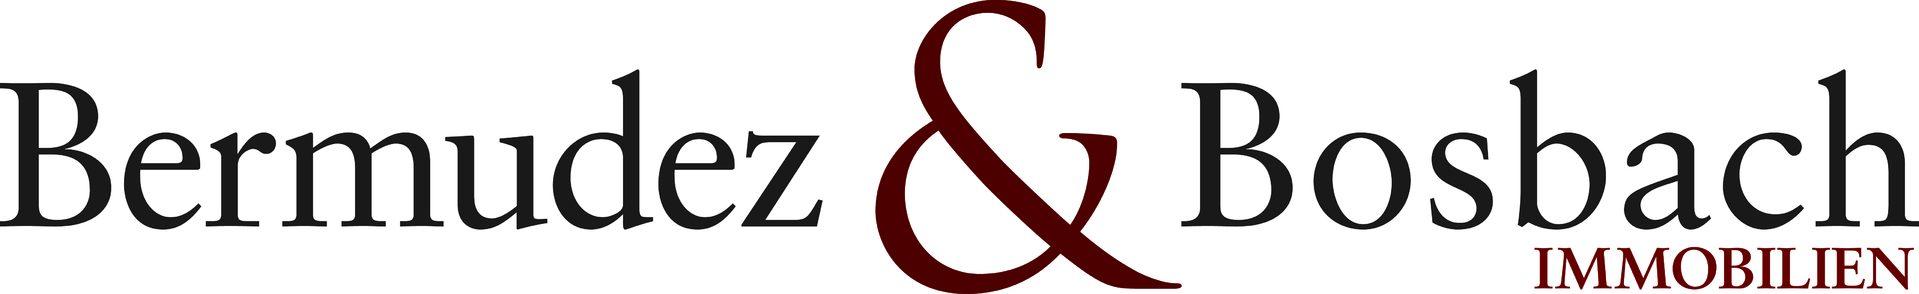 Unternehmenslogo von Bermudez & Bosbach Immobilien im Corporate Design